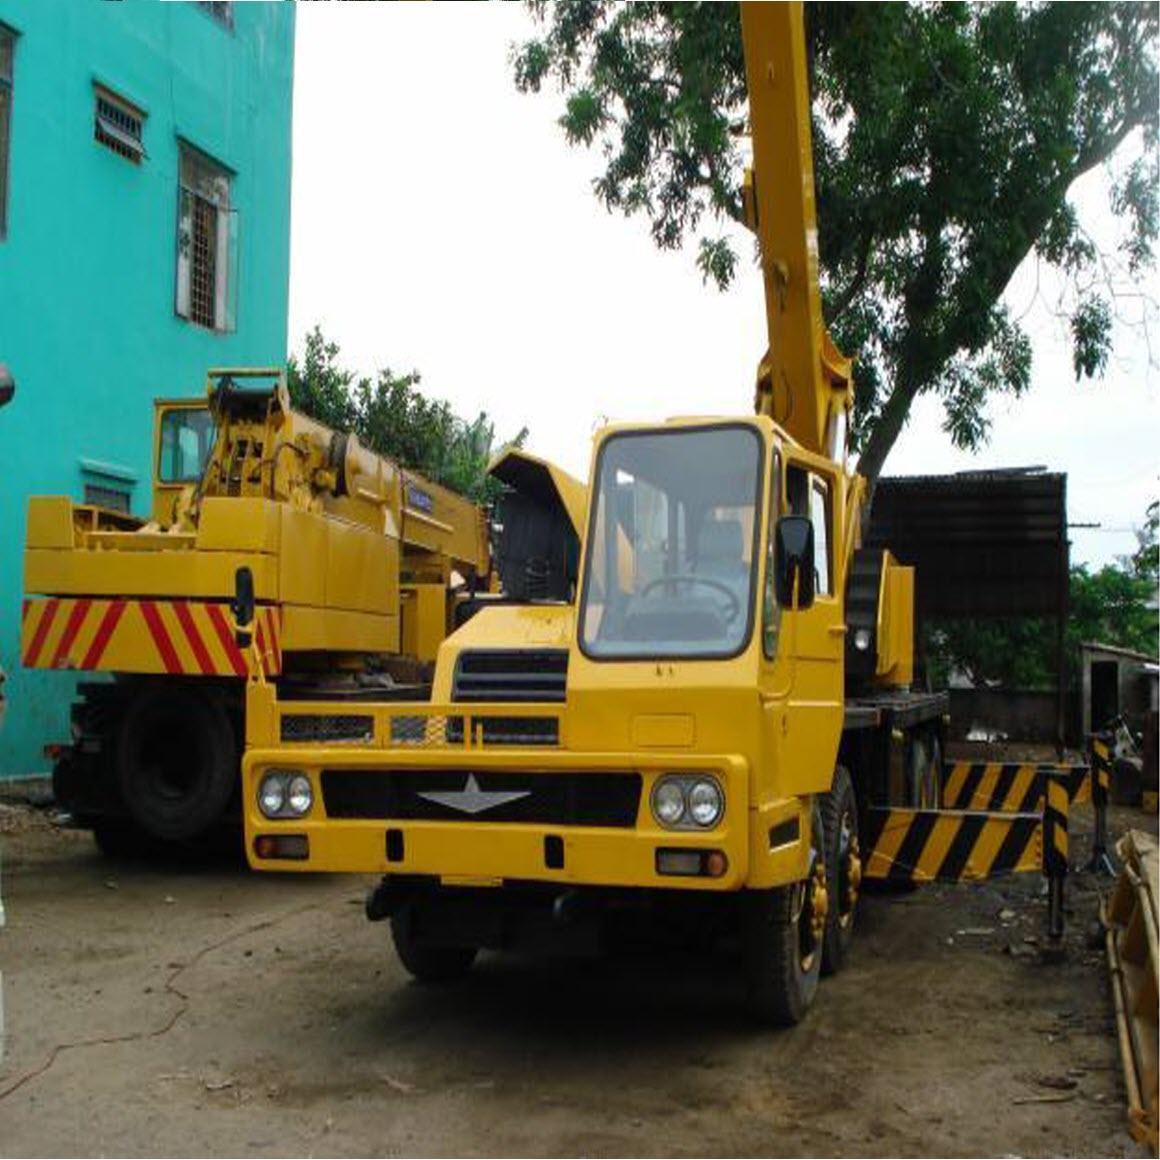 Cho thuê xe cẩu tại huyện Cần Giờ tp Hồ Chí Minh